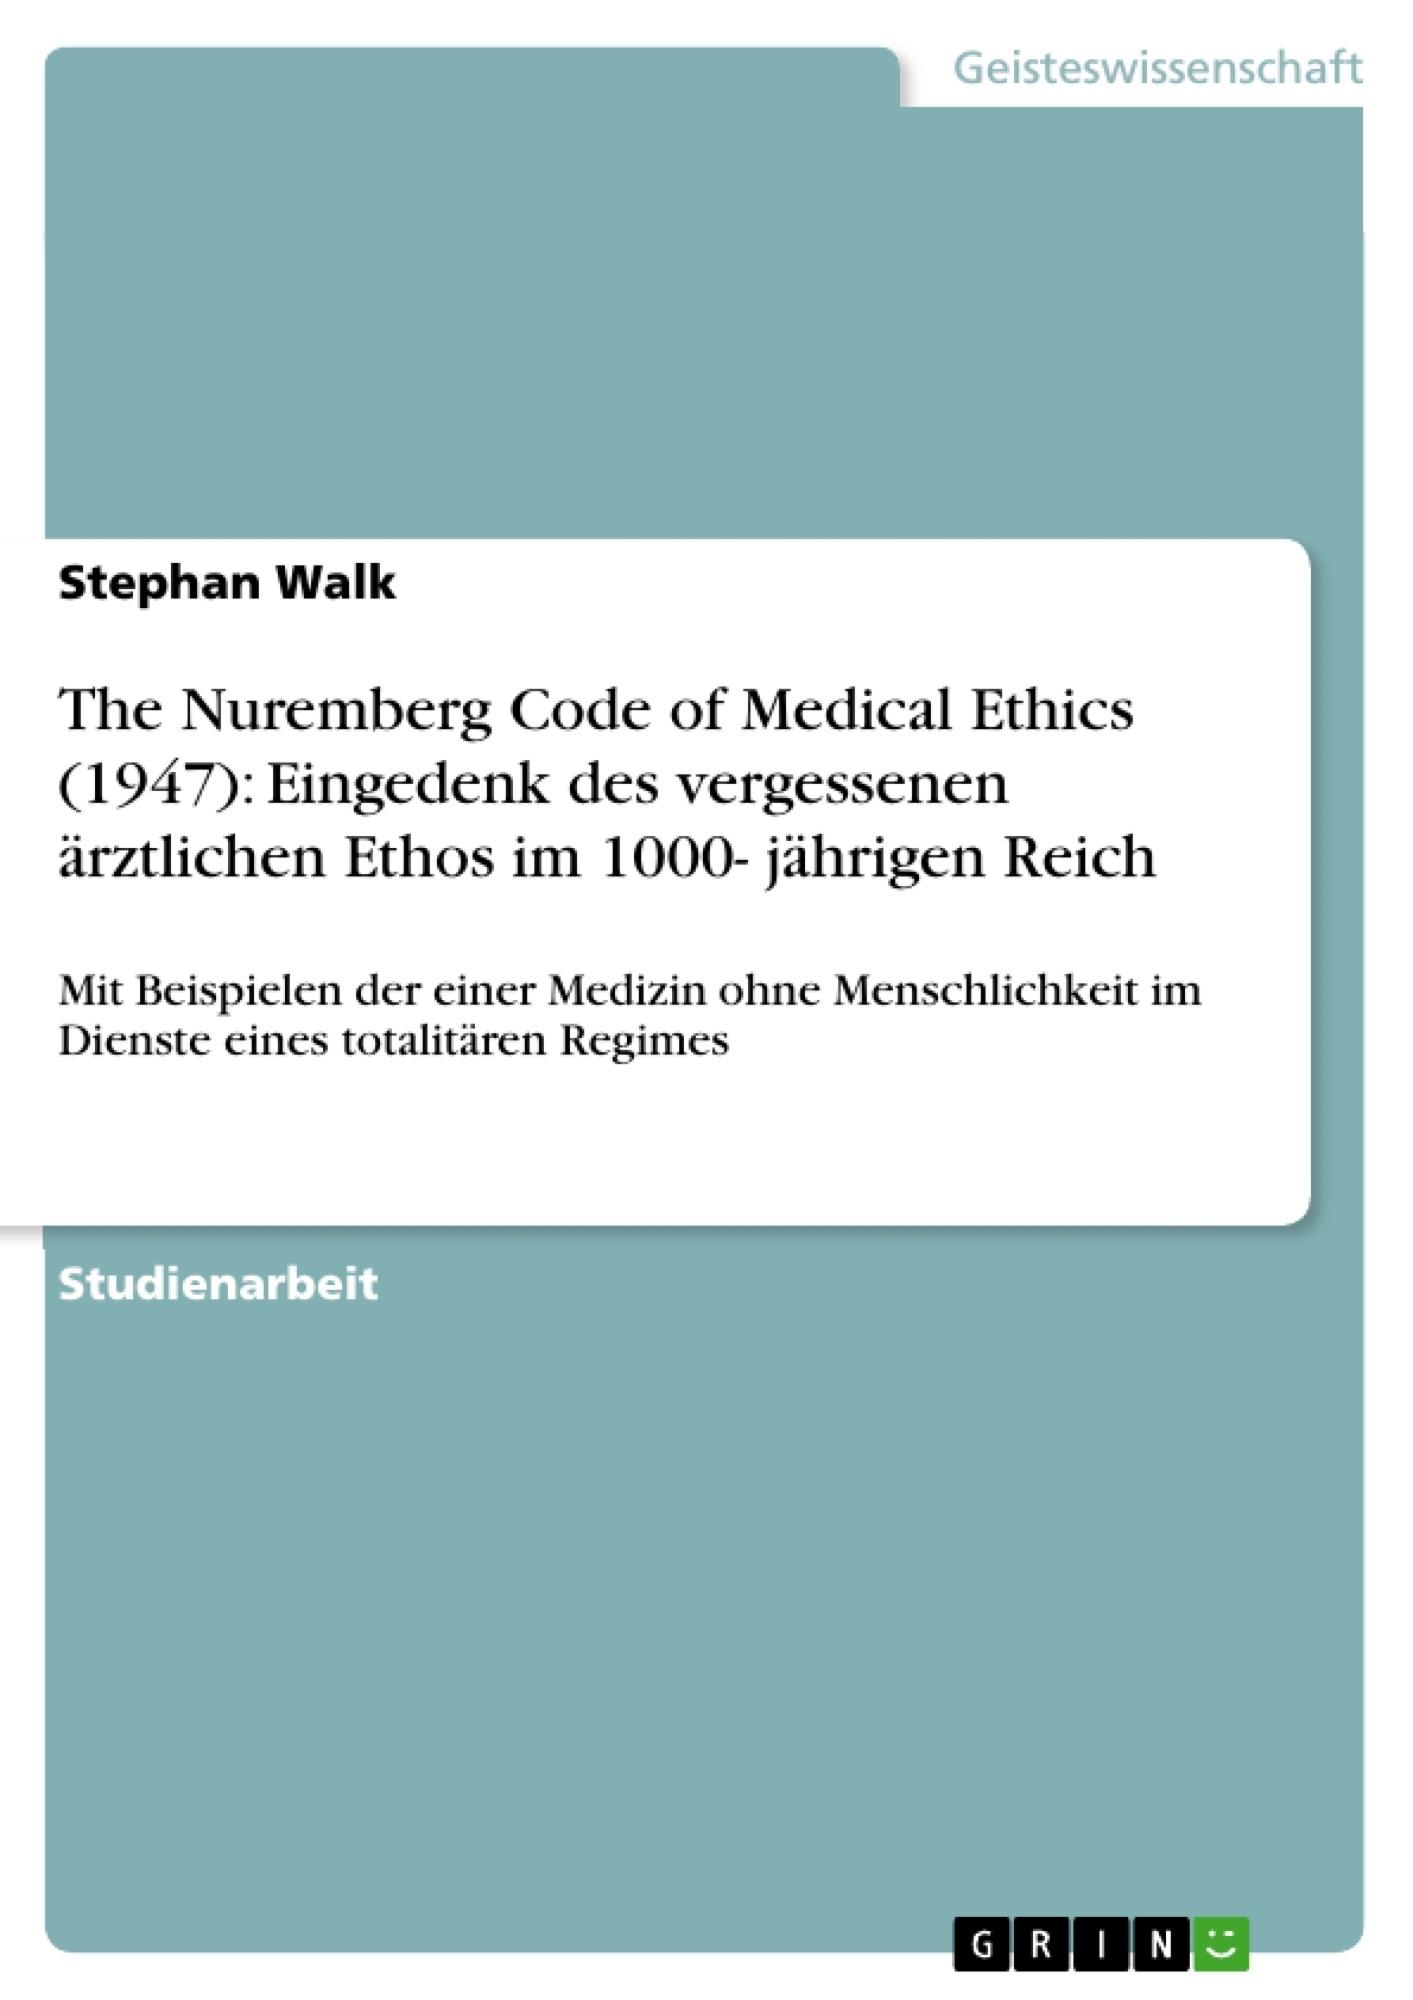 Titel: The Nuremberg Code of Medical Ethics (1947): Eingedenk des vergessenen ärztlichen Ethos im 1000- jährigen Reich